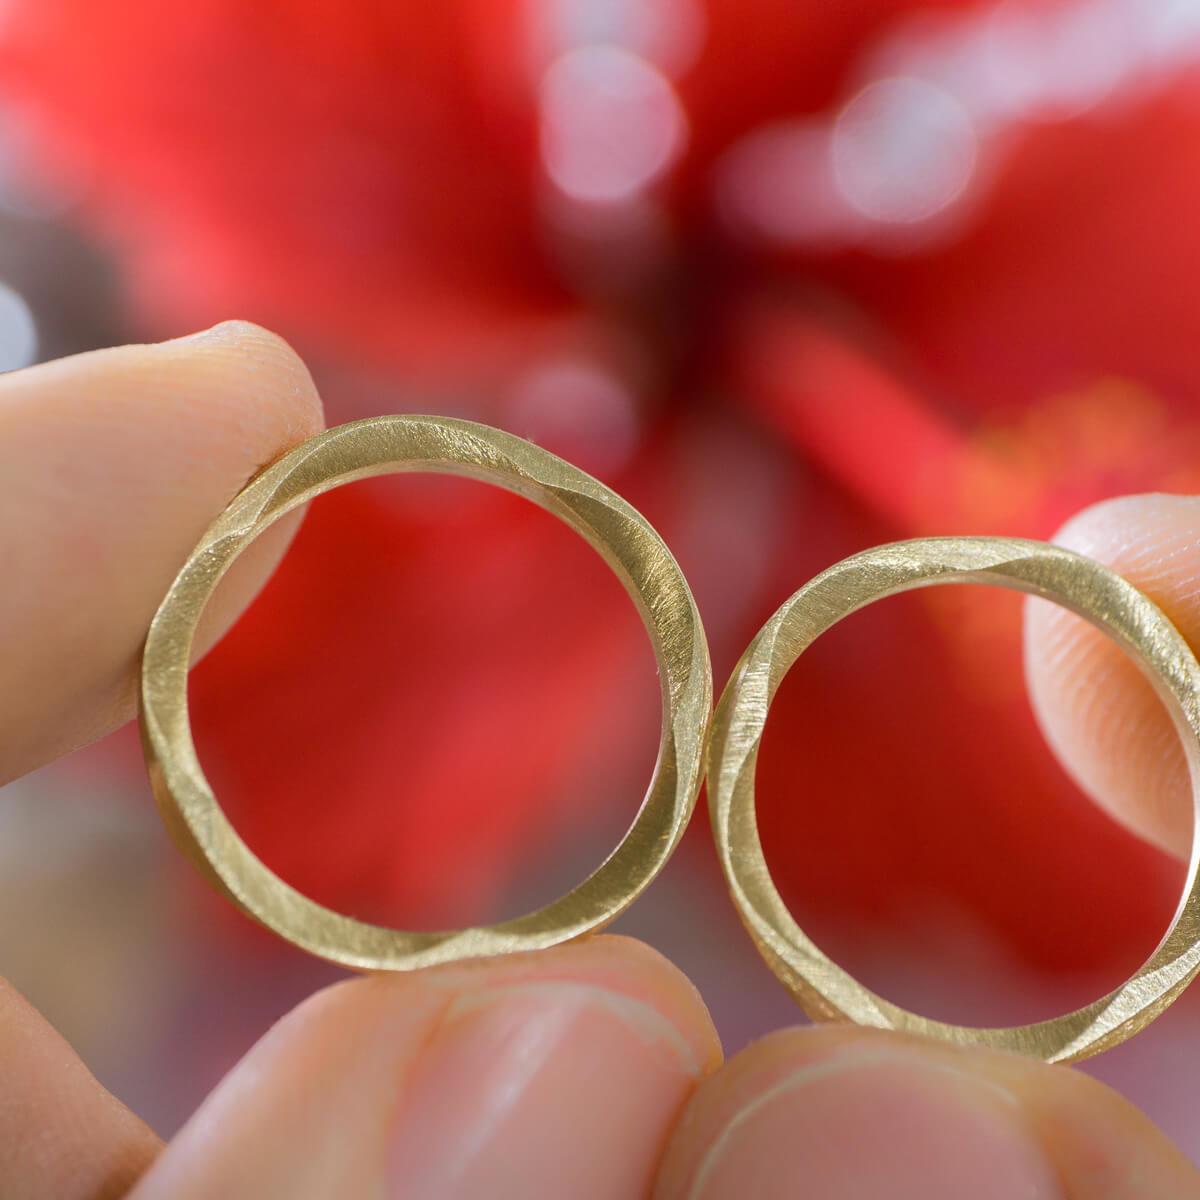 屋久島のハイビスカスとともに オーダーメイドマリッジリング ジュエリーのアトリエに指輪 ゴールド 屋久島で作る結婚指輪 屋久島花とジュエリー